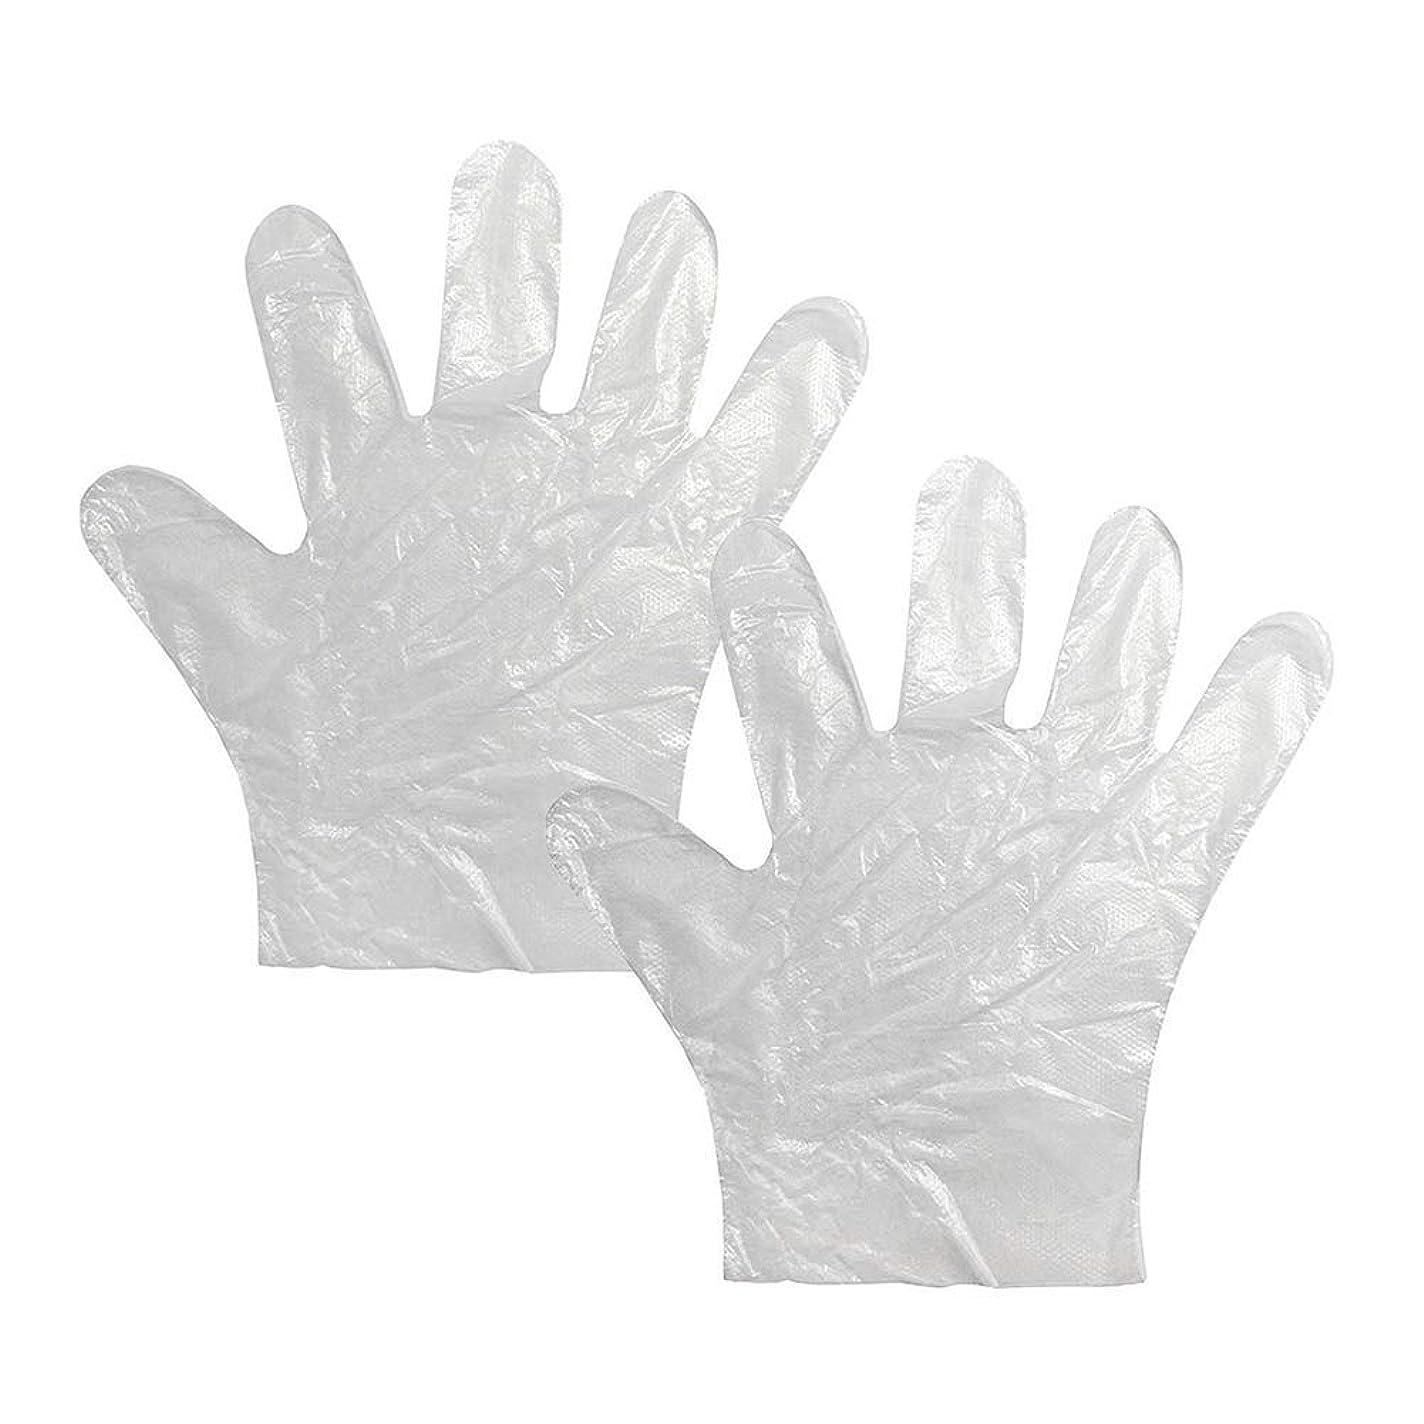 海外トレッド真実使い捨て手袋 極薄ビニール手袋 耐久性が強い上に軽く高品質 透明100枚*2セット